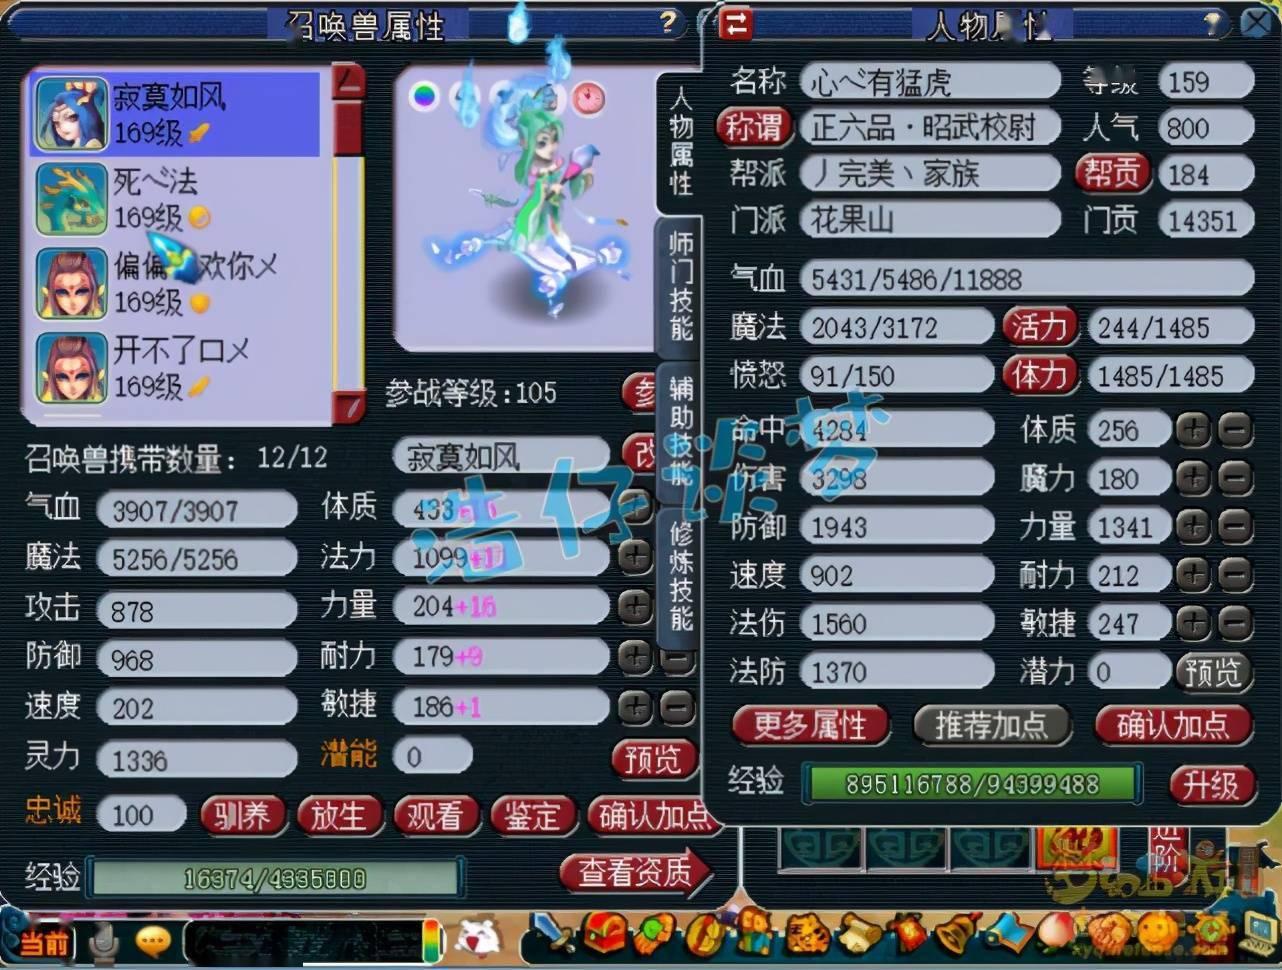 梦幻西游:159级顶级花果山,15+10超强硬件,擂台轻松1挑3                                   图1